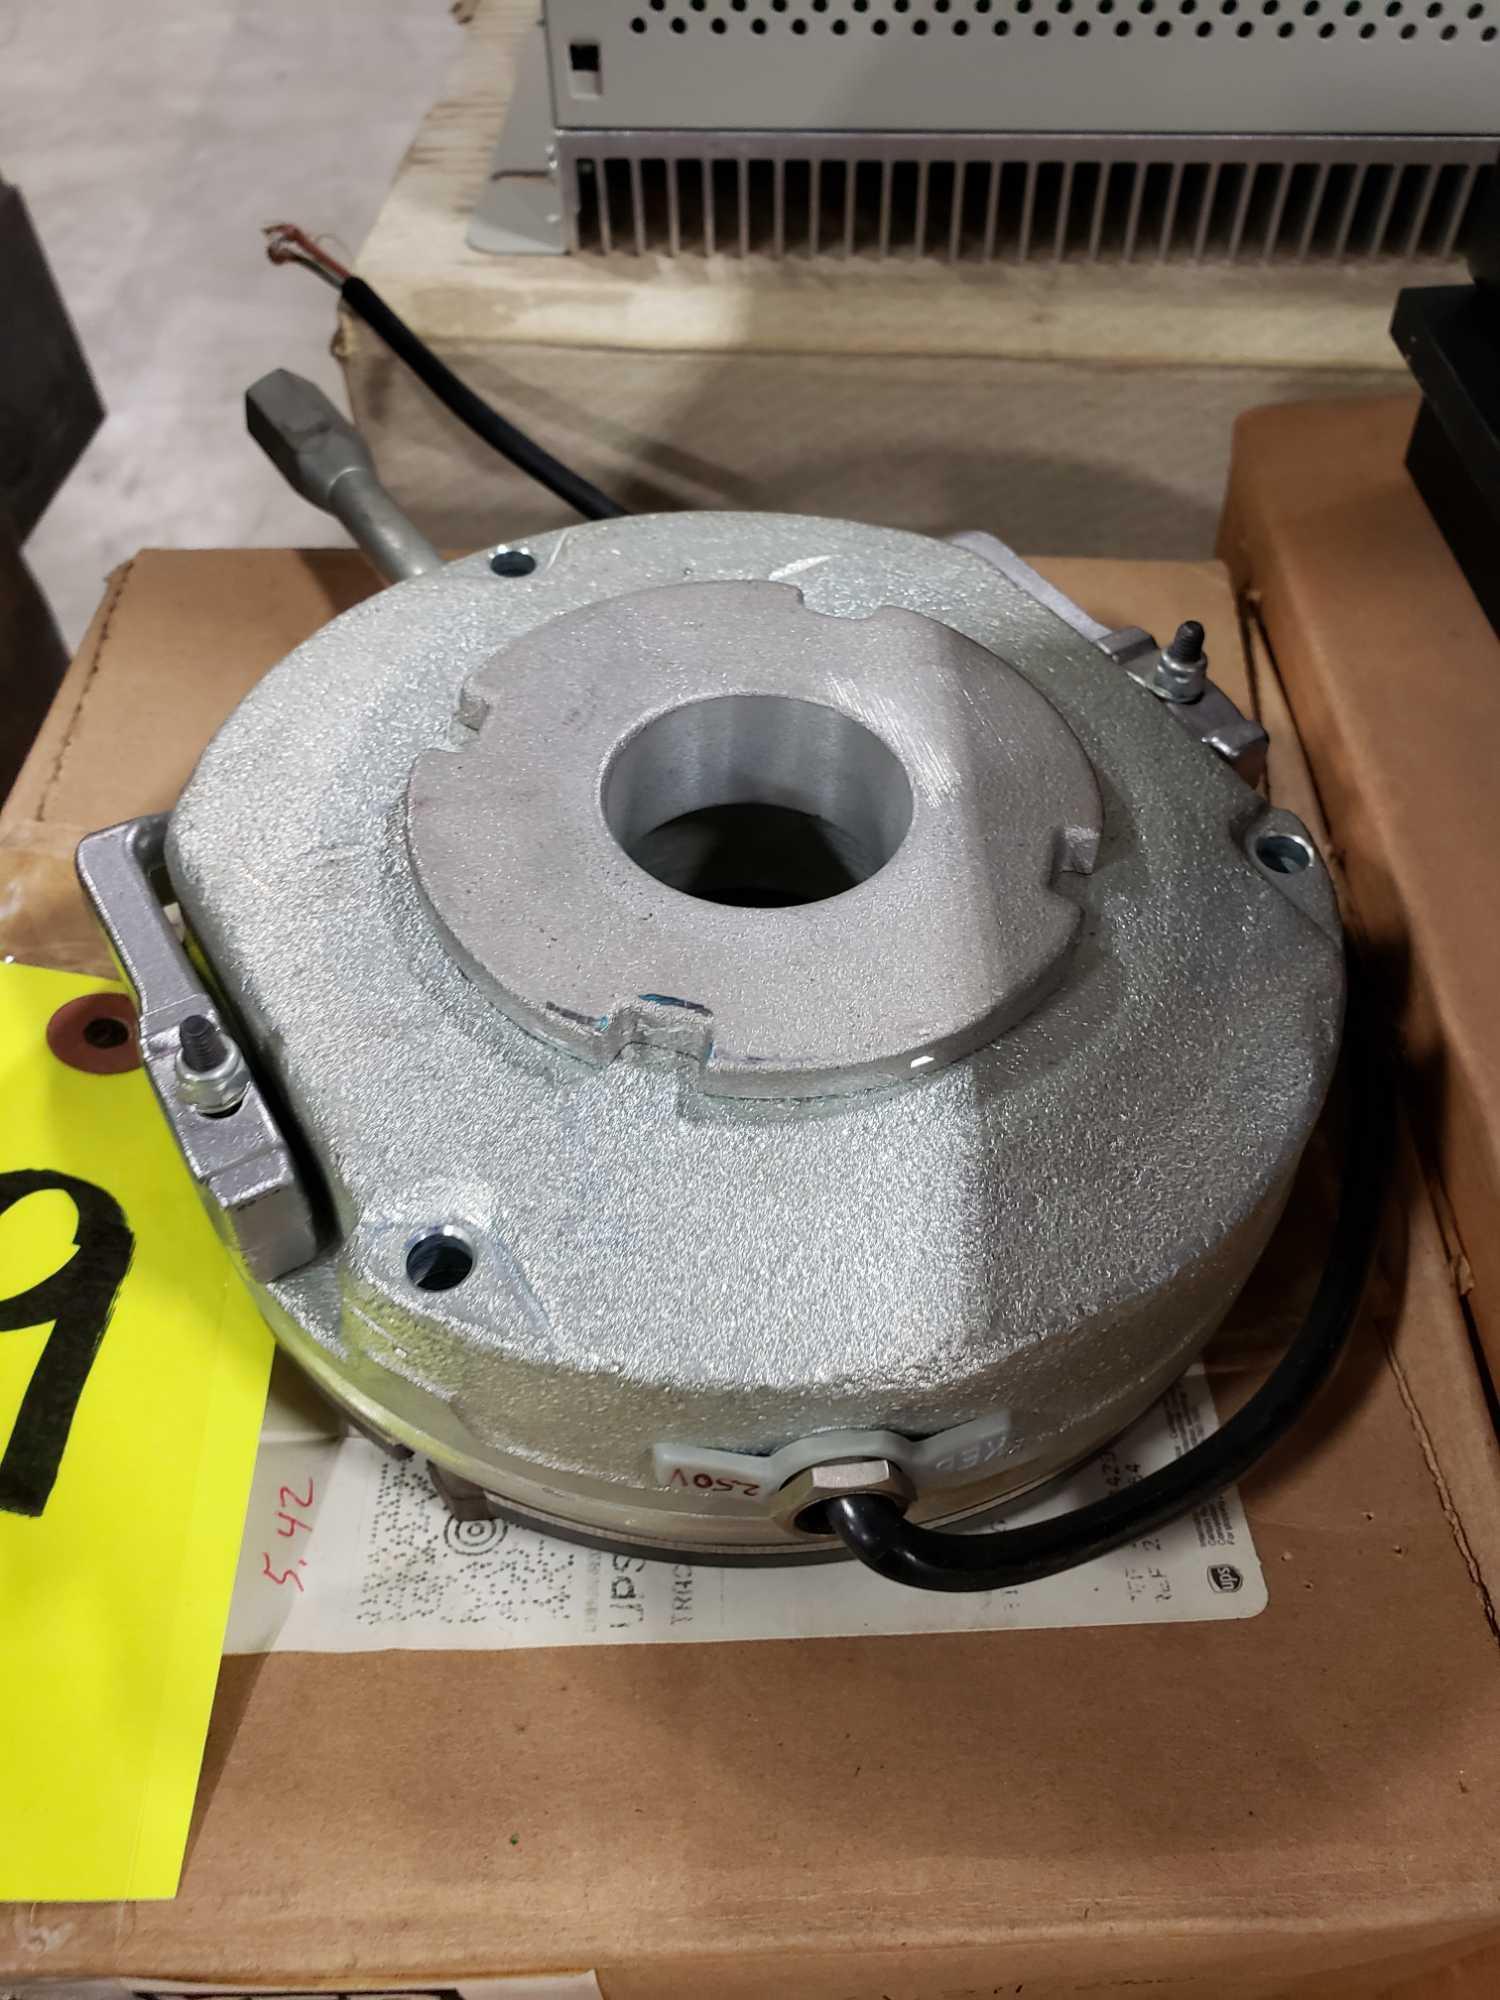 KEB brake model 0331211290U. New in box. - Image 3 of 3